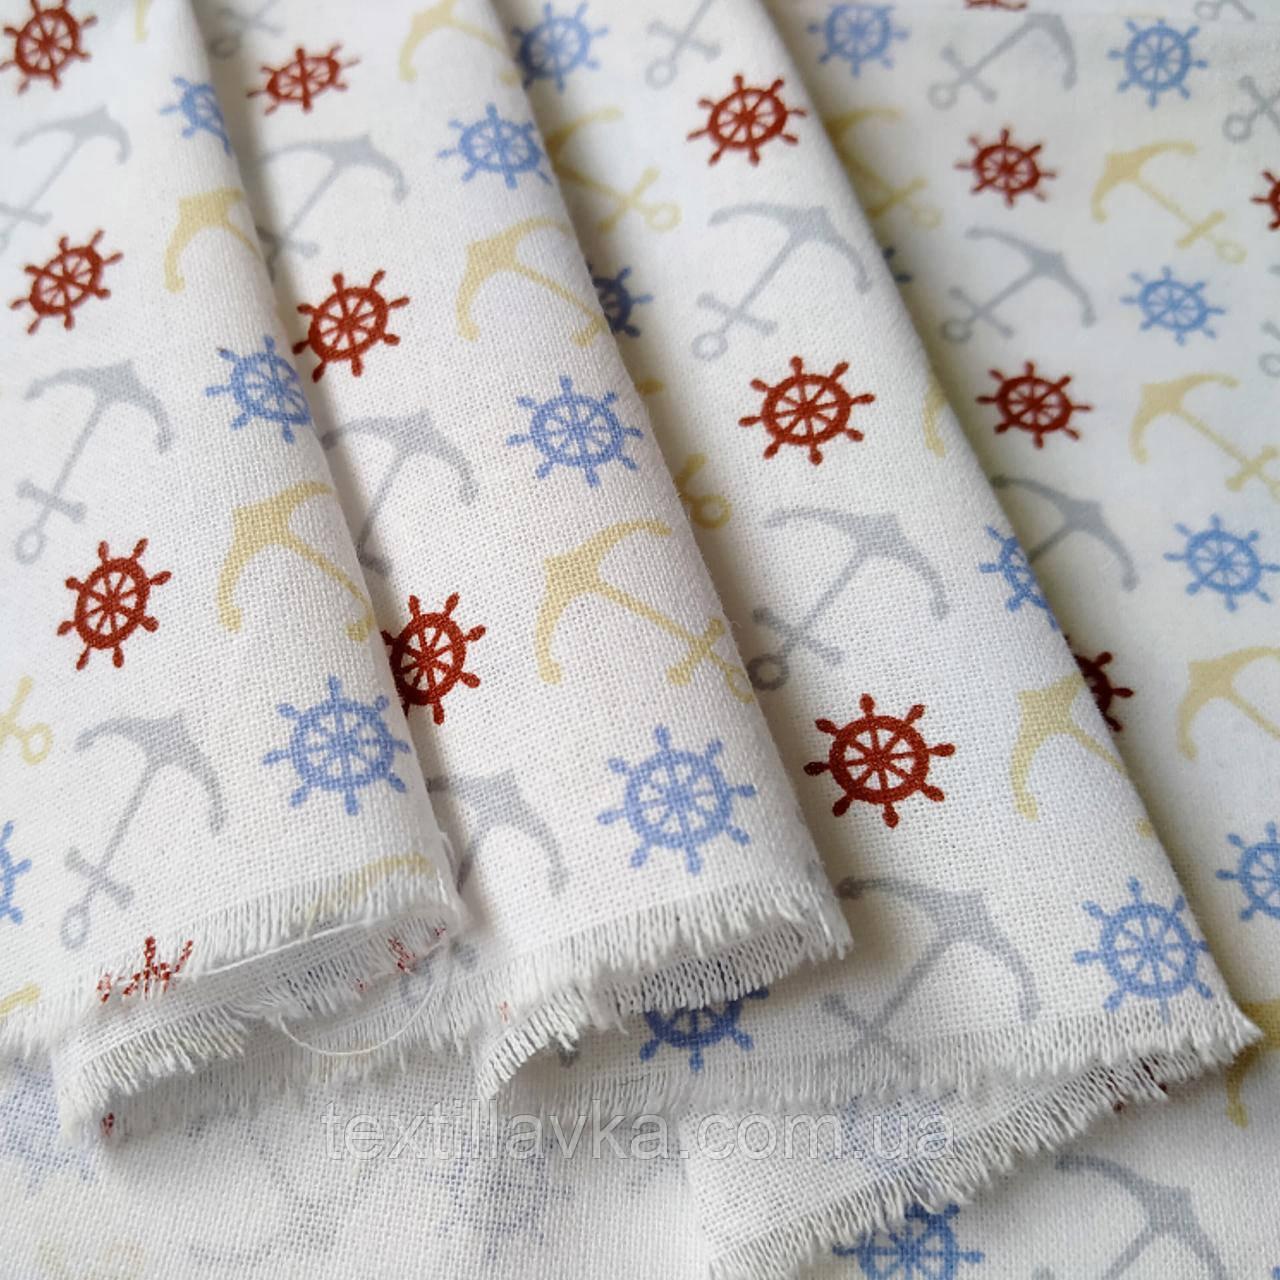 Ткань хлопок для рукоделия Испания якоря и штурвал